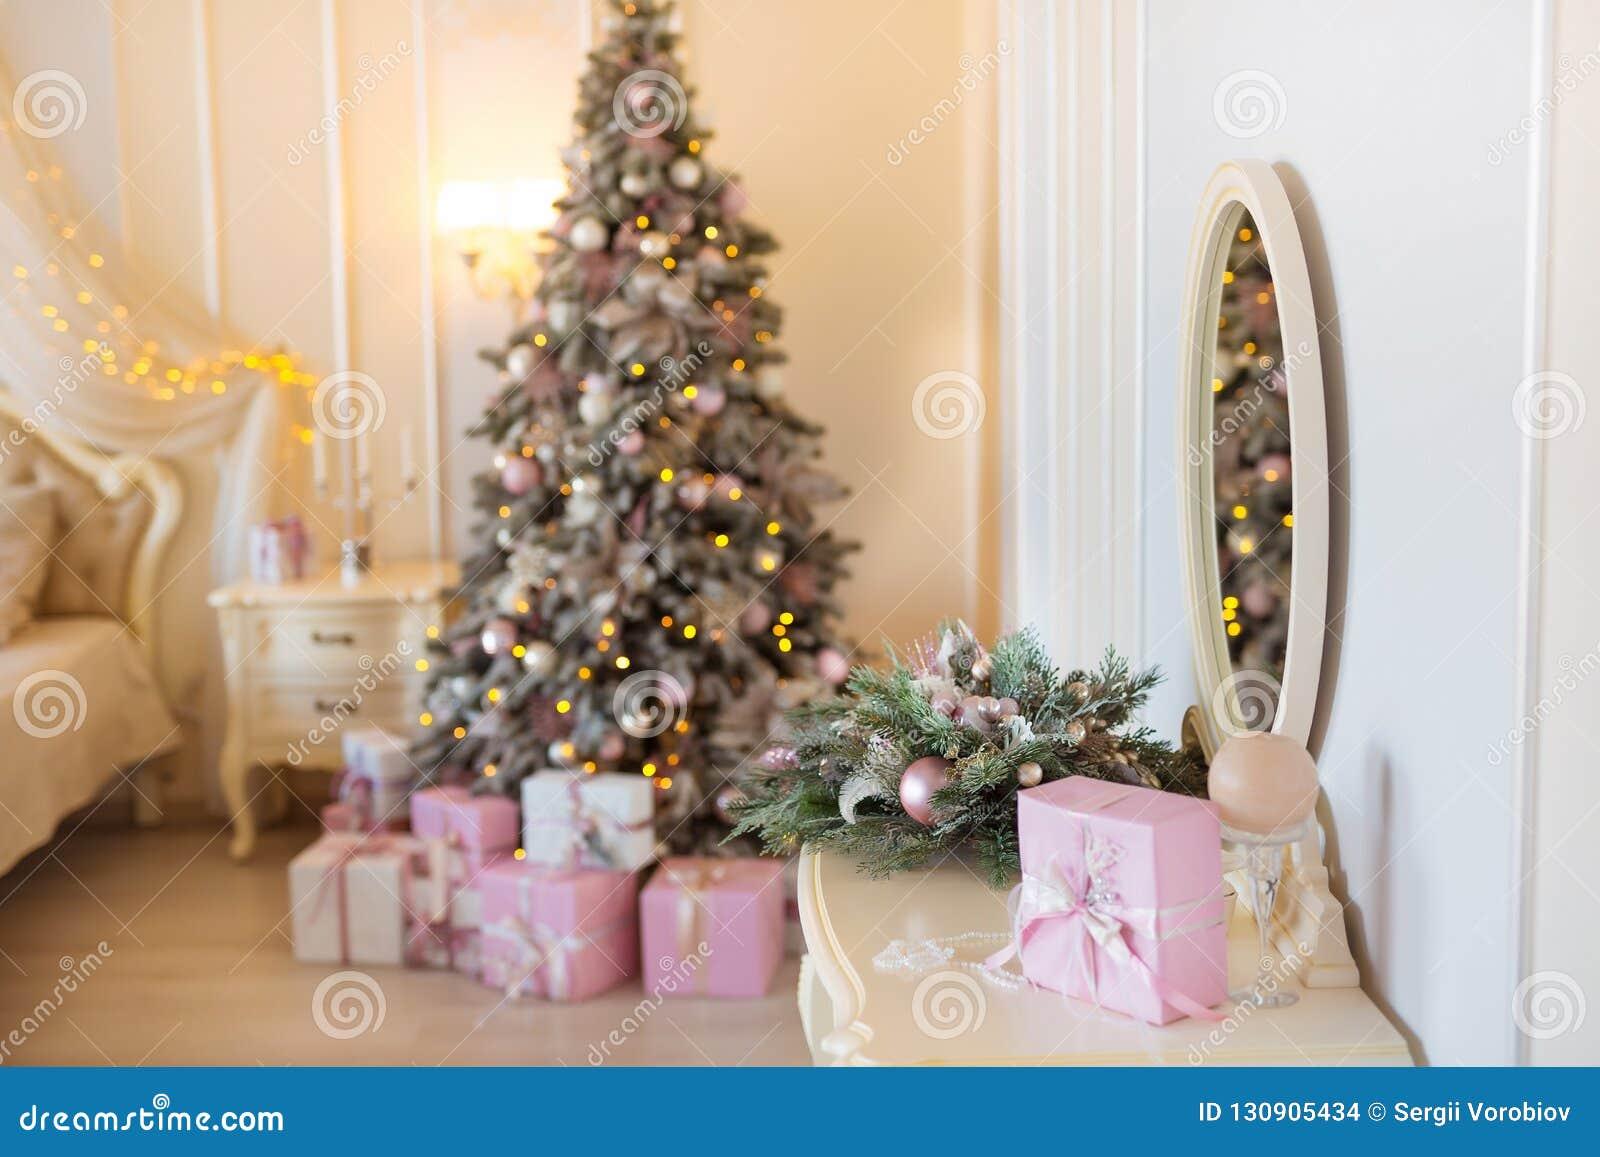 Классическое рождество украсило внутреннюю комнату с деревом Нового Года Современная роскошная спальня квартиры дизайна с кровать